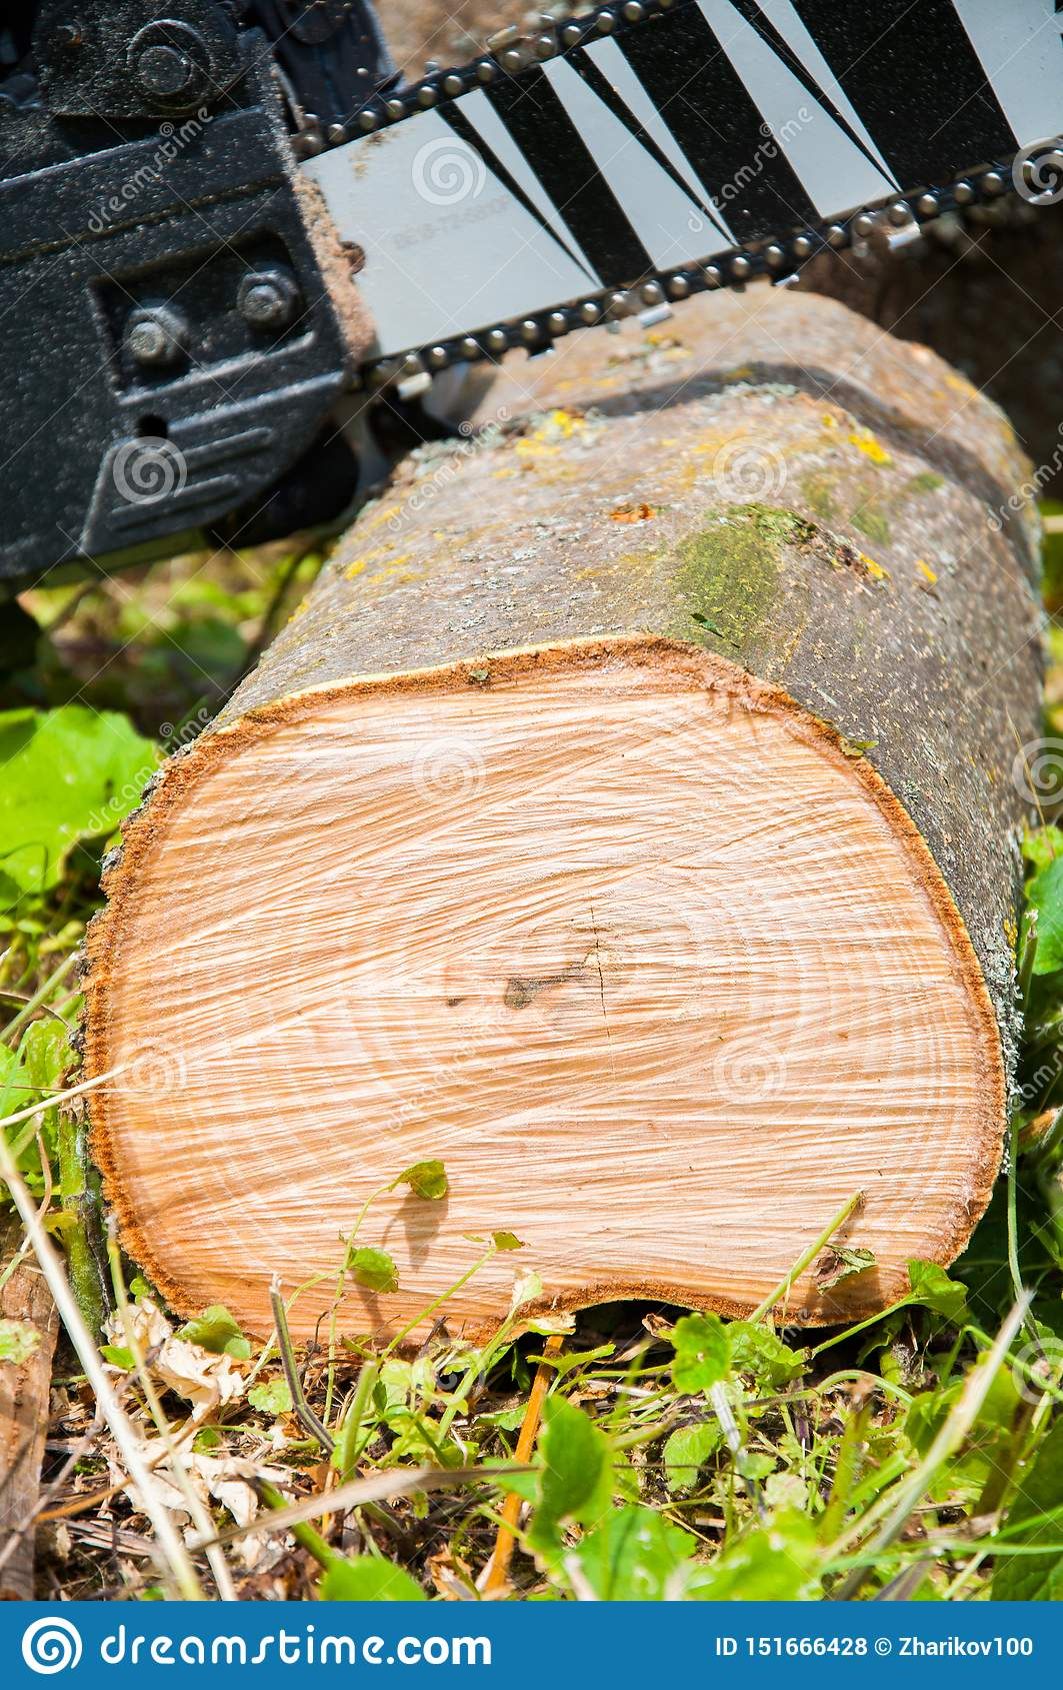 Rżnięty gęsty drzewny bagażnik Drewniana tekstura Piła łańcuchowa ciie drewno